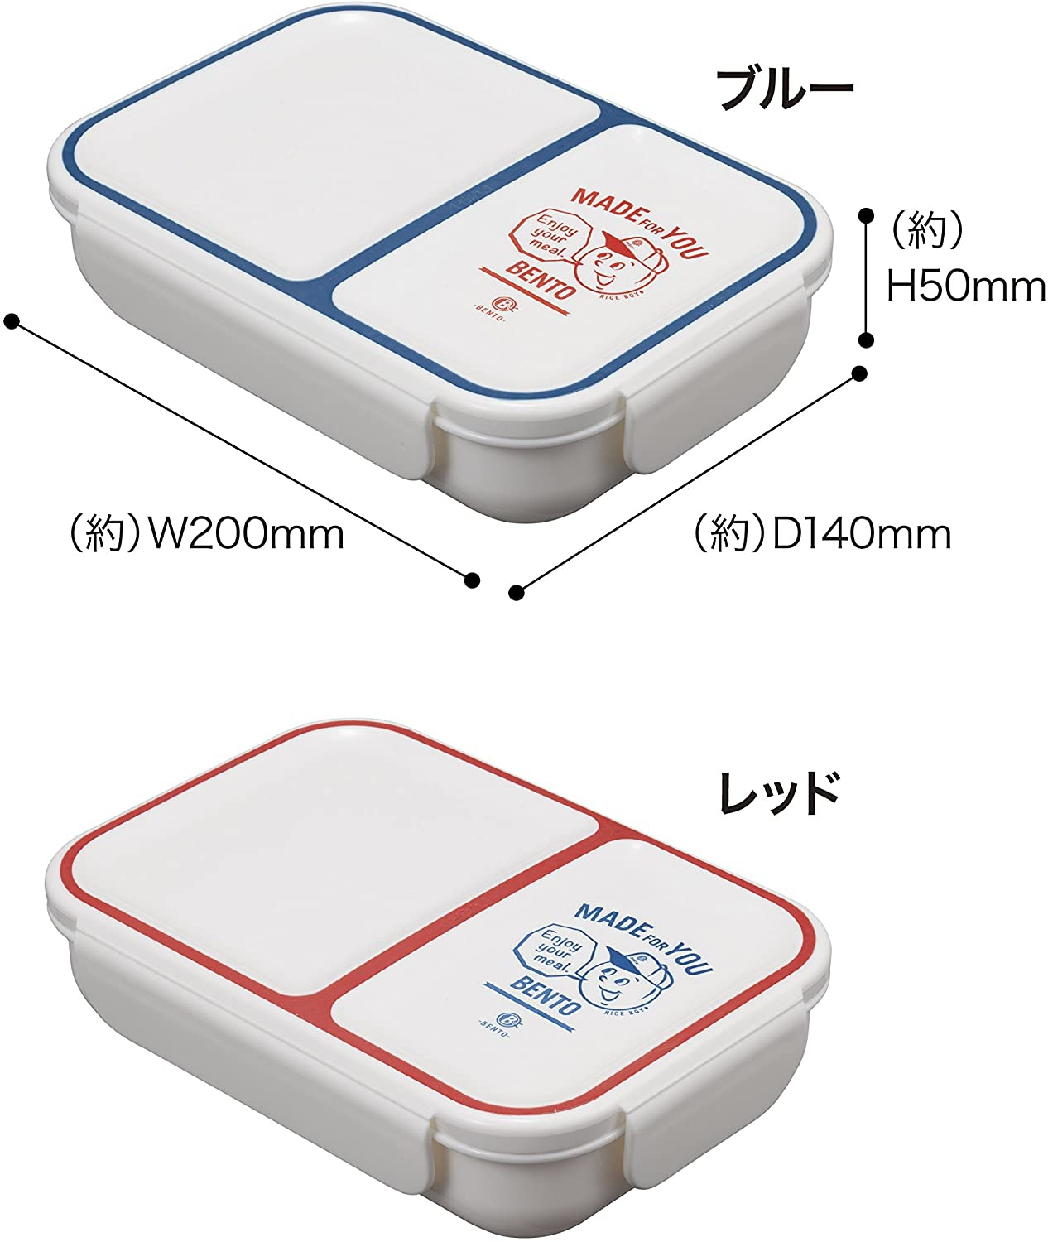 CB JAPAN(シービージャパン) 汁漏れしにくい弁当箱 ライスボーイの商品画像6